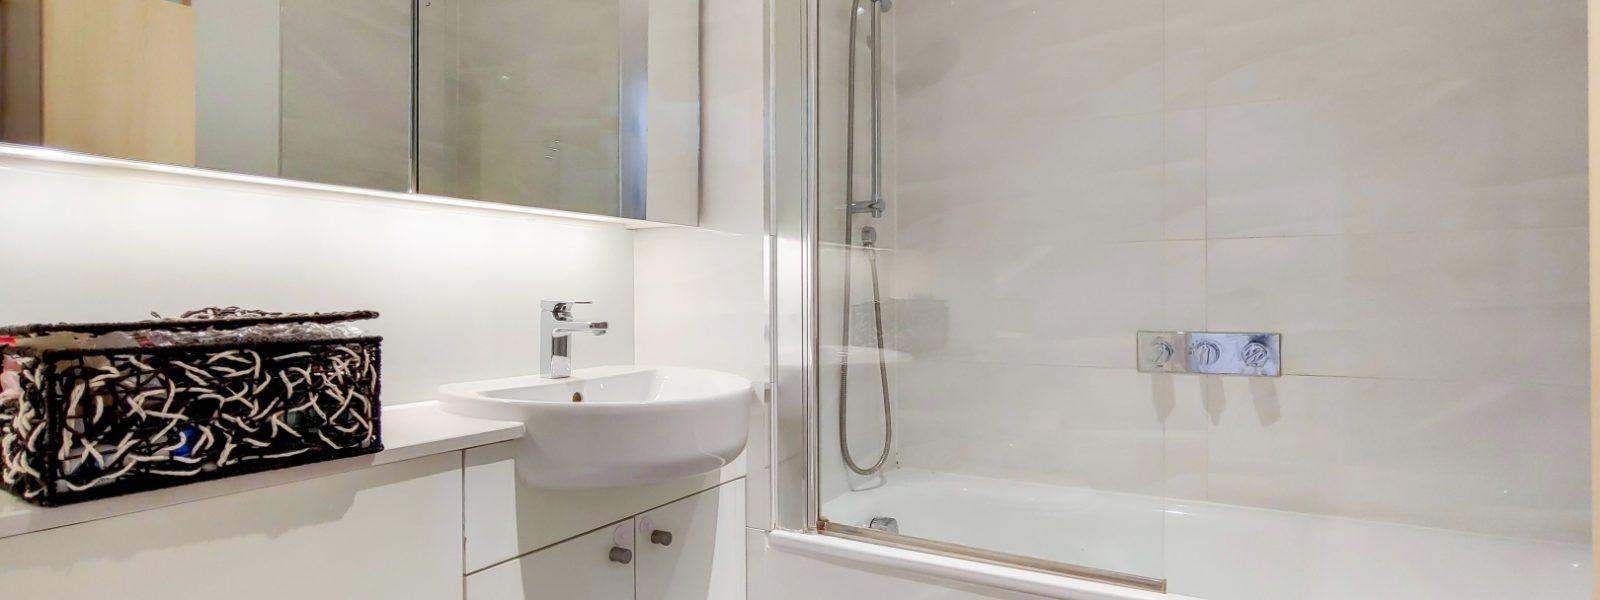 7_Bathroom-1